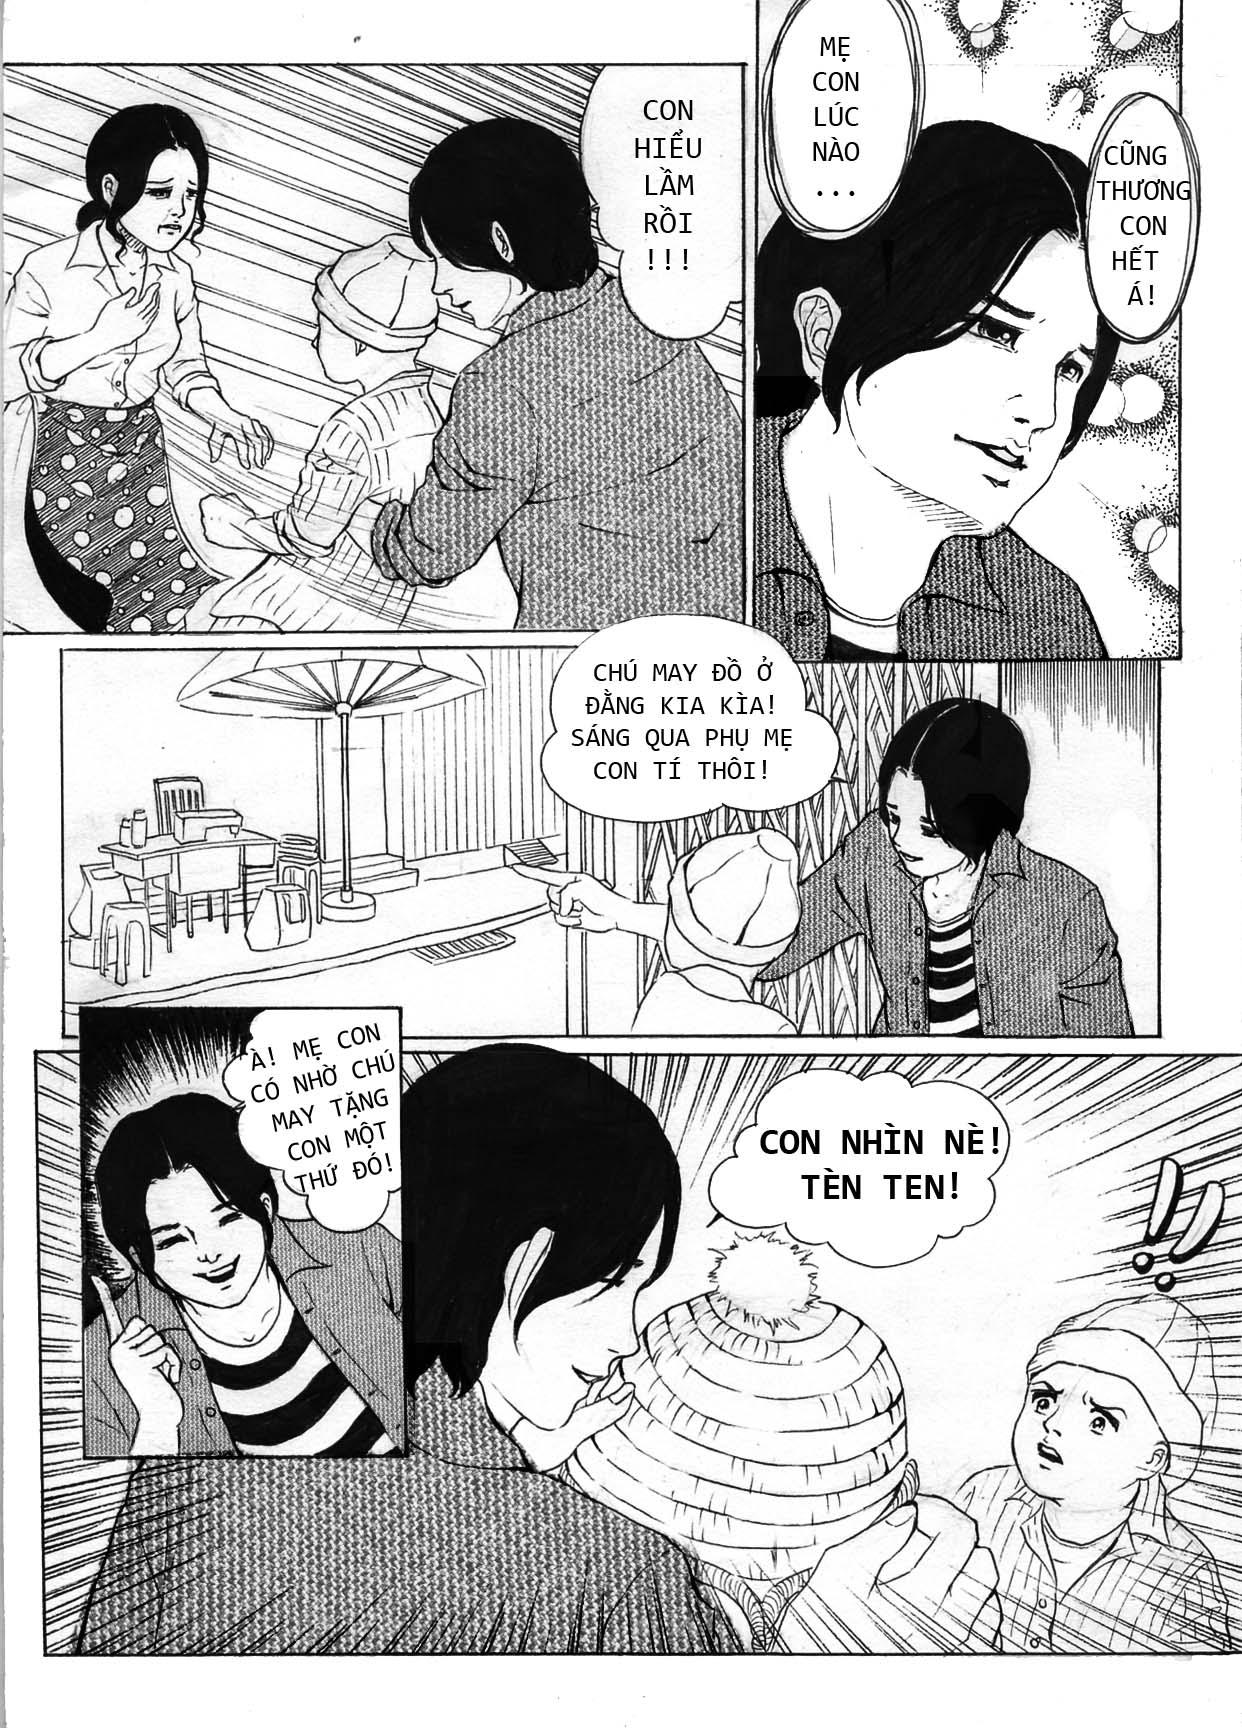 truyện tranh Mẹ Con Trai và Chú ấy 07